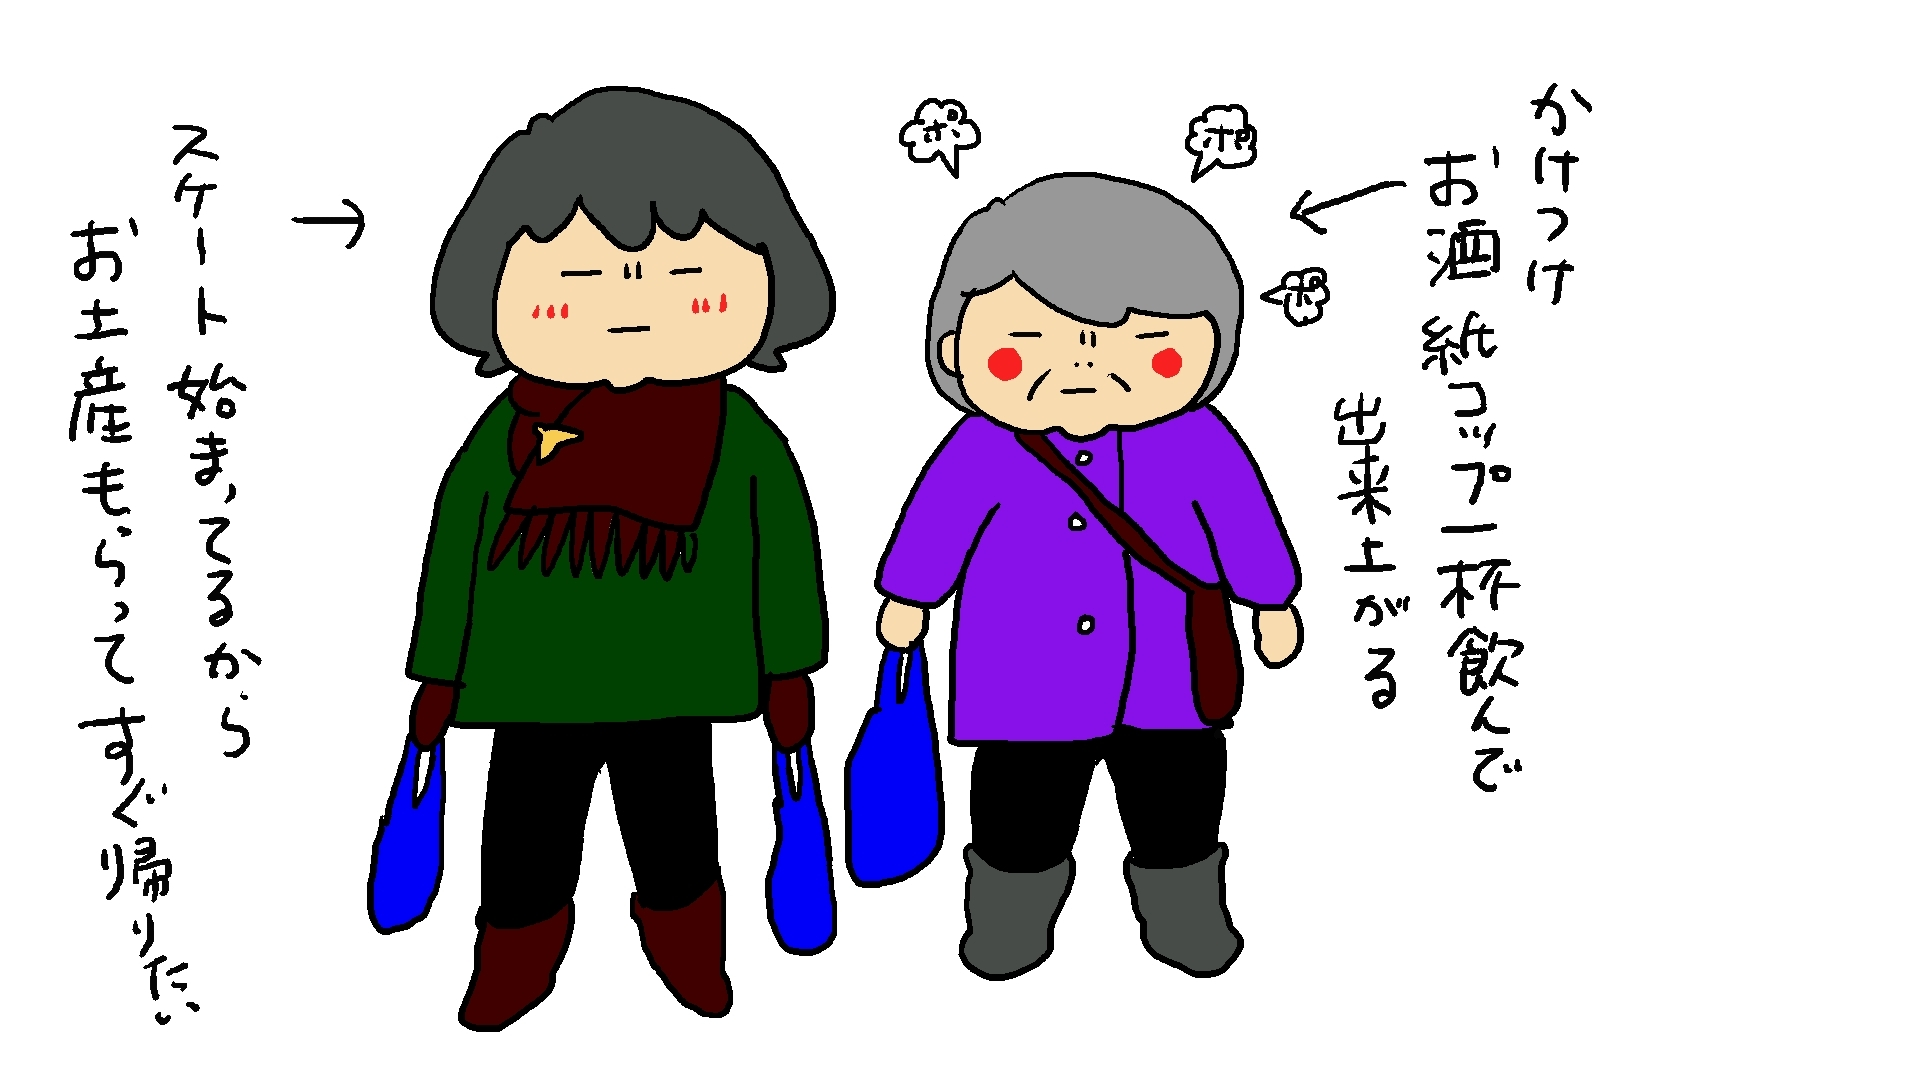 ぴょんちゃん金メダル_d0129083_15504090.jpg